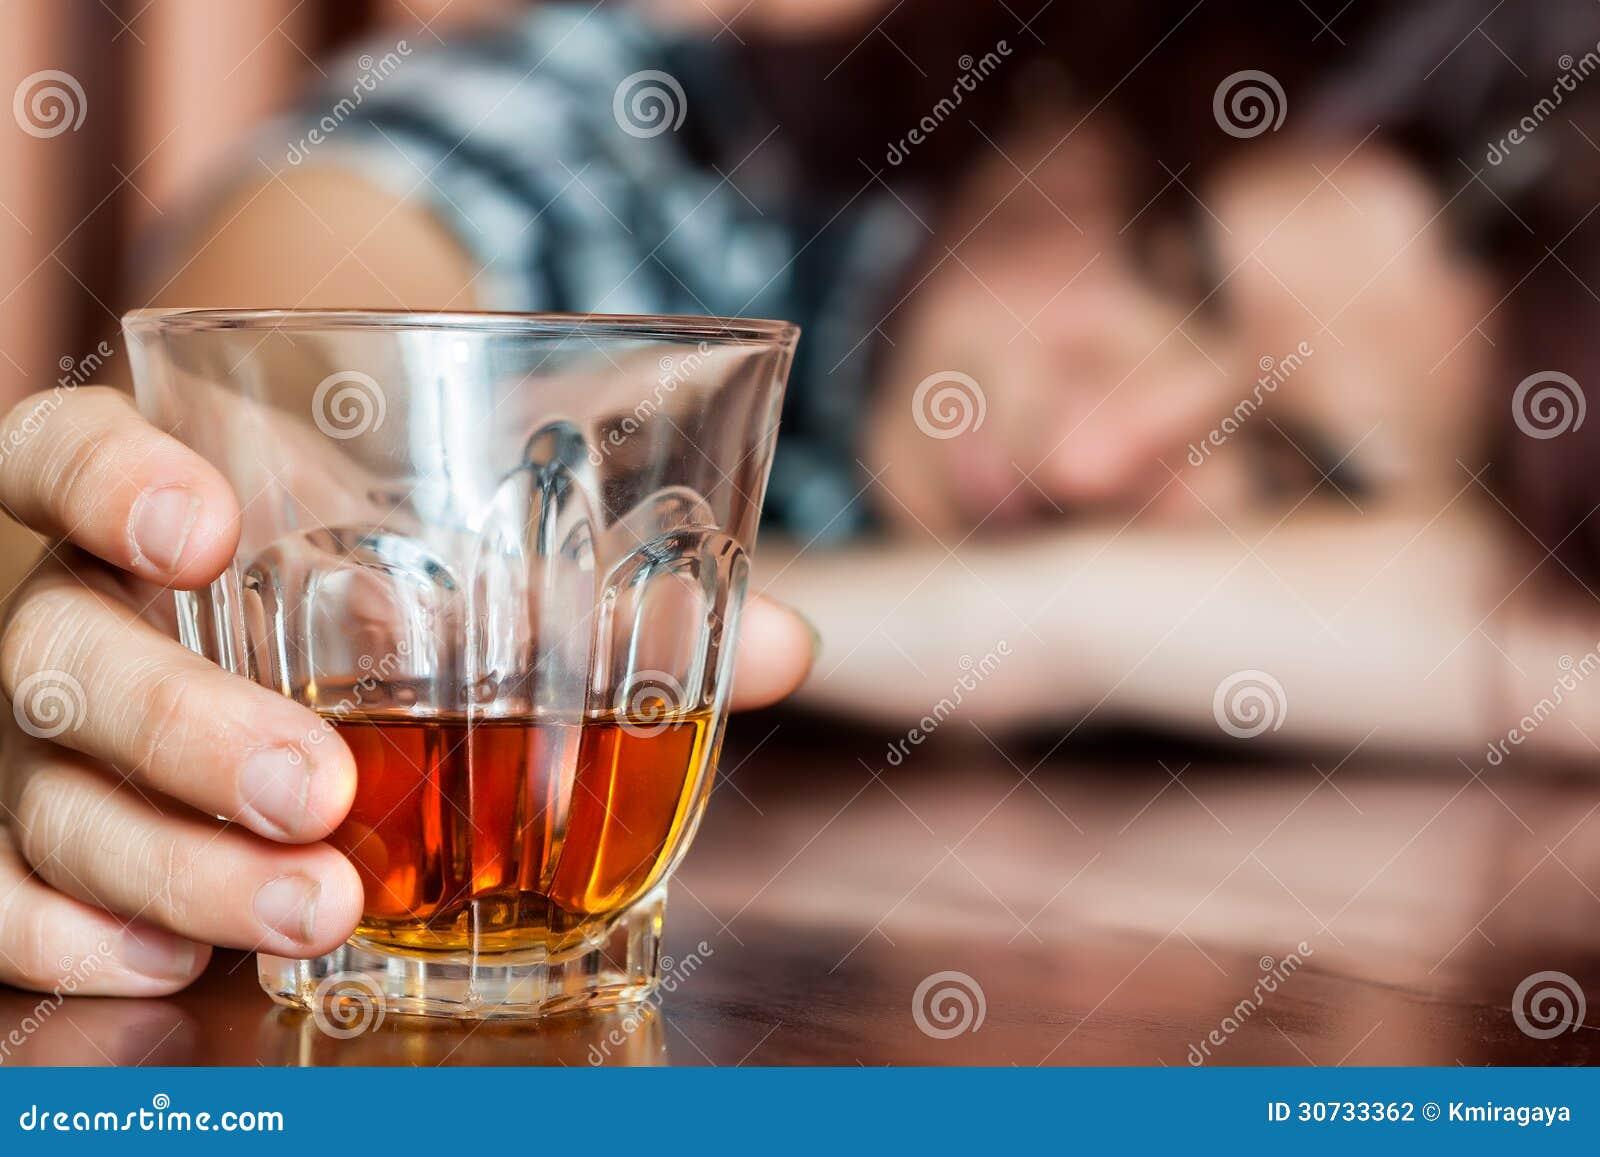 In slaap gedronken vrouw die een drank houden